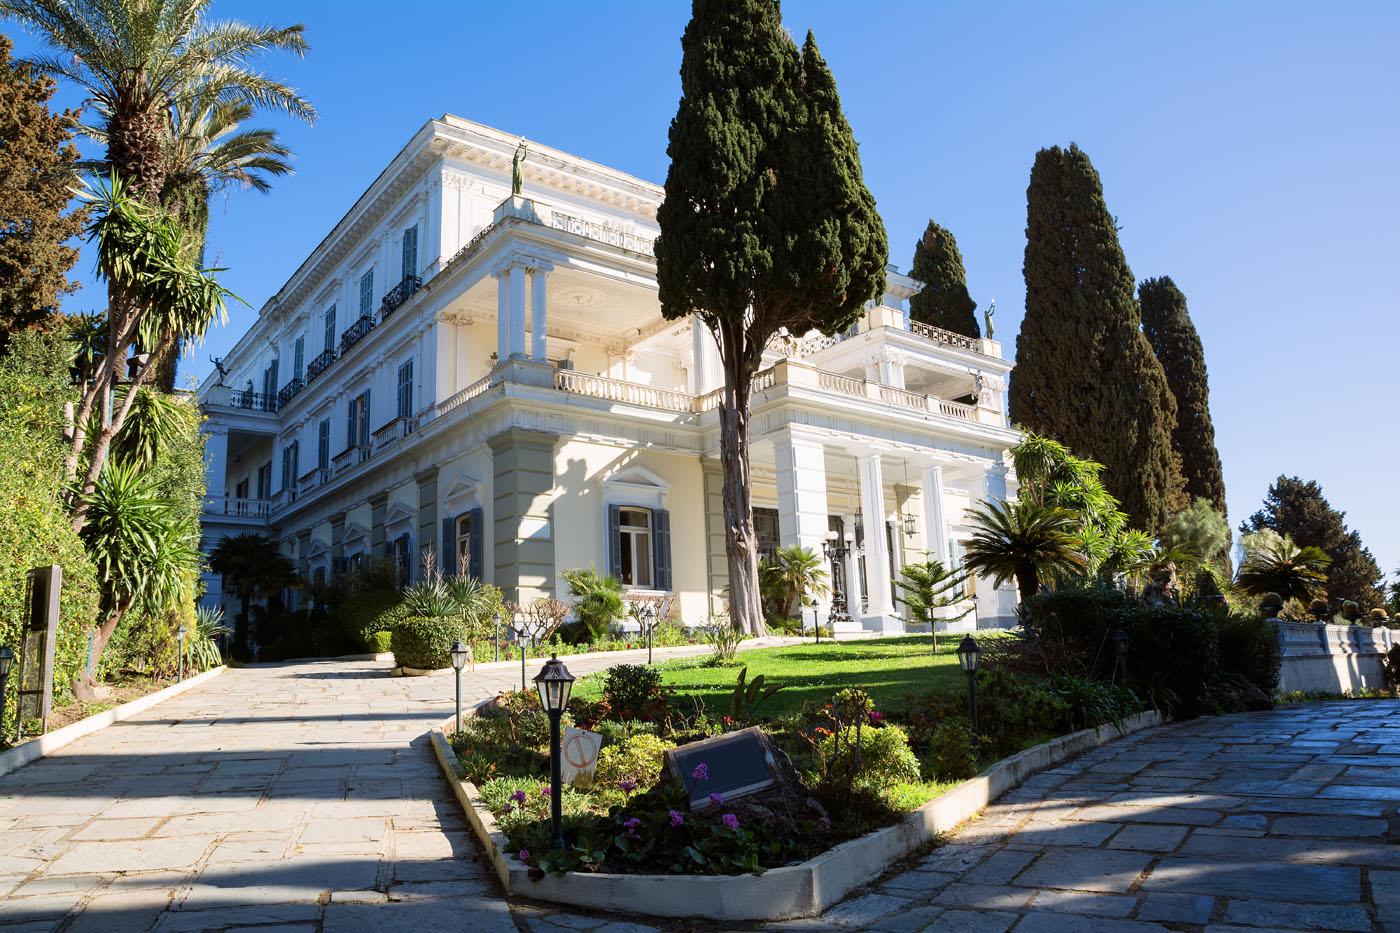 11Private Tour in Corfu